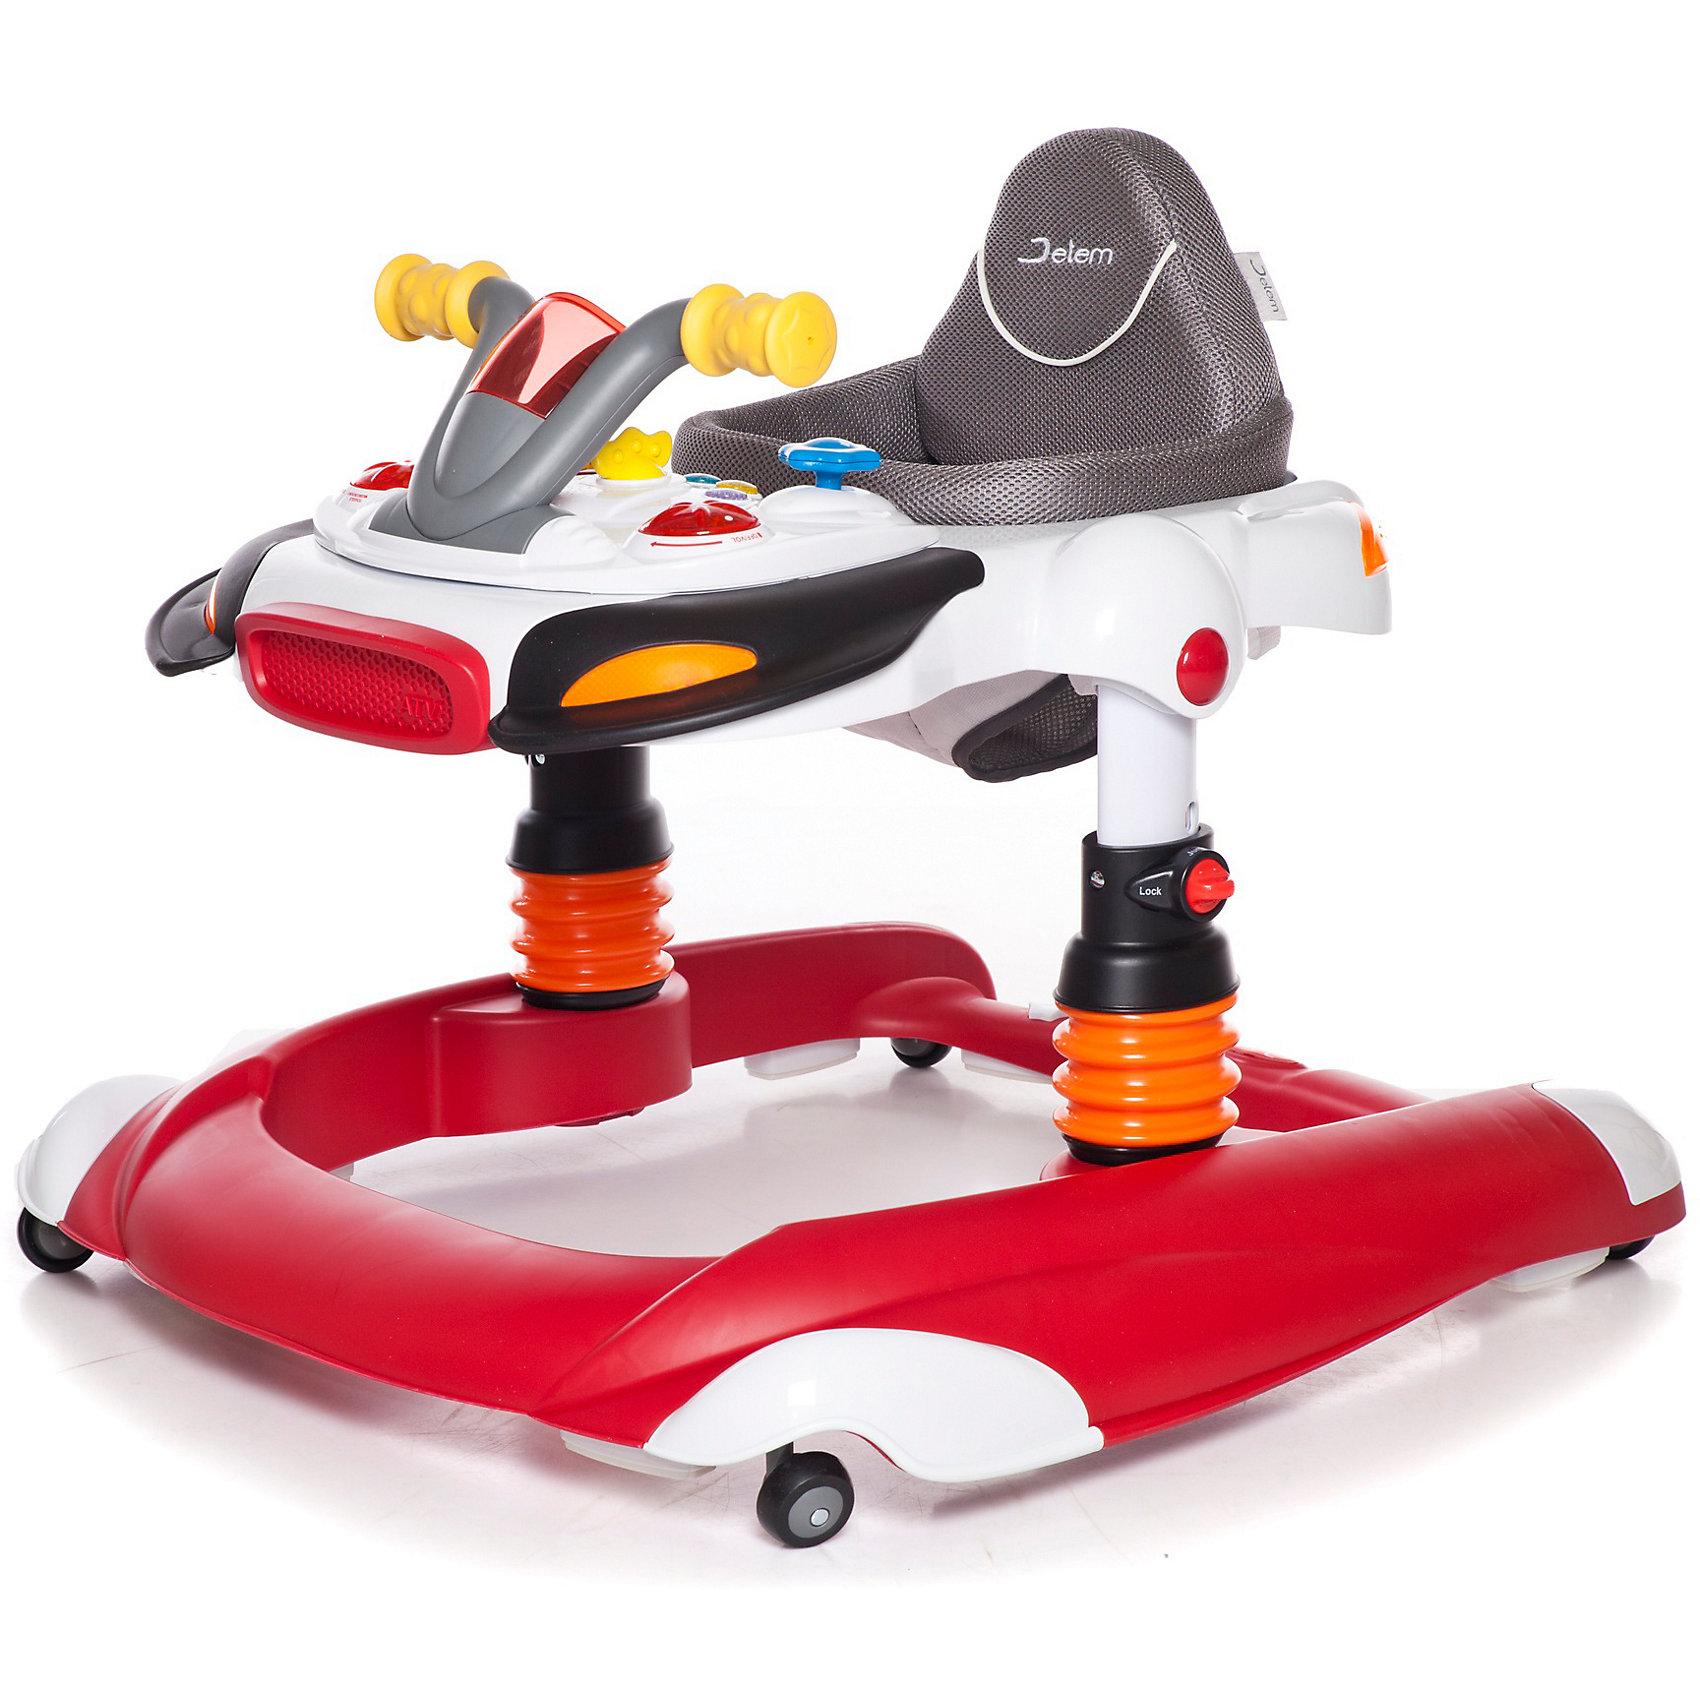 Ходунки Scooter, Jetem, красныйЯркие детские ходунки Scooter Jetem (Жетем), совмещающие в себе функции ходунков-прыгунков и игрового центра, привлекут внимание малыша и помогут ему самостоятельно передвигаться по квартире, исследовать новые предметы и активно развиваться.<br><br>У ходунков очень легкая рама и широкое основание для максимальной устойчивости, регулировка по высоте в 3-х положениях. Ходунки могут использоваться как прыгунки, для этого нужно установить фиксаторы стоек в определенном положении (в конструкцию стоек входят пружины). Мягкое комфортное сиденье изготовлено из высококачественного и легкомоющегося материала. Ходунки оснащены двумя стопорами, которые позволяют контролировать передвижения ребенка, замок-фиксатор защищает от произвольного складывания и служит дополнительной безопасности.<br><br>Игровой центр оформлен в виде панели управления скутером, при повороте руля вправо/влево, вверх/вниз звучат мелодии и загораются лампочки. На панели также размещены 5 звуковых кнопок, воспроизводящие пять разных мелодий одновременно со световыми сигналами, имеется регулятор громкости и съемная игрушка. При повороте ключа раздается звук заводящегося двигателя. Игровая панель легко снимается, после чего можно пользоваться лотком как столиком. Съемную игровую панель можно использовать как отдельную игрушку. Резиновый бампер и 4 двойных поворотных силиконовых колеса обеспечат защиту вашей мебели и напольному покрытию. Ходунки компактно складываются гармошкой и не занимают много места в квартире.<br>    <br>Дополнительная информация:<br><br>- Цвет: красный.<br>- Возраст: от 6 мес. до 1,5 лет (вес до 12 кг.). <br>- Материал: пластик, металл, полиэстер.  <br>- Требуются батарейки (для игрового центра): 2 х АА (в комплекте нет).<br>- Размер: 75 х 65 х 55 см.<br>- Размер упаковки: 67 х 75 х 20 см.<br>- Вес с упаковкой: 8,5 кг. <br>- Вес: 8,5 кг.<br><br>Детские ходунки Scooter Jetem (Жетем) можно купить в нашем интернет-магазине.<br><br>Ширина мм: 670<br>Глубина мм: 